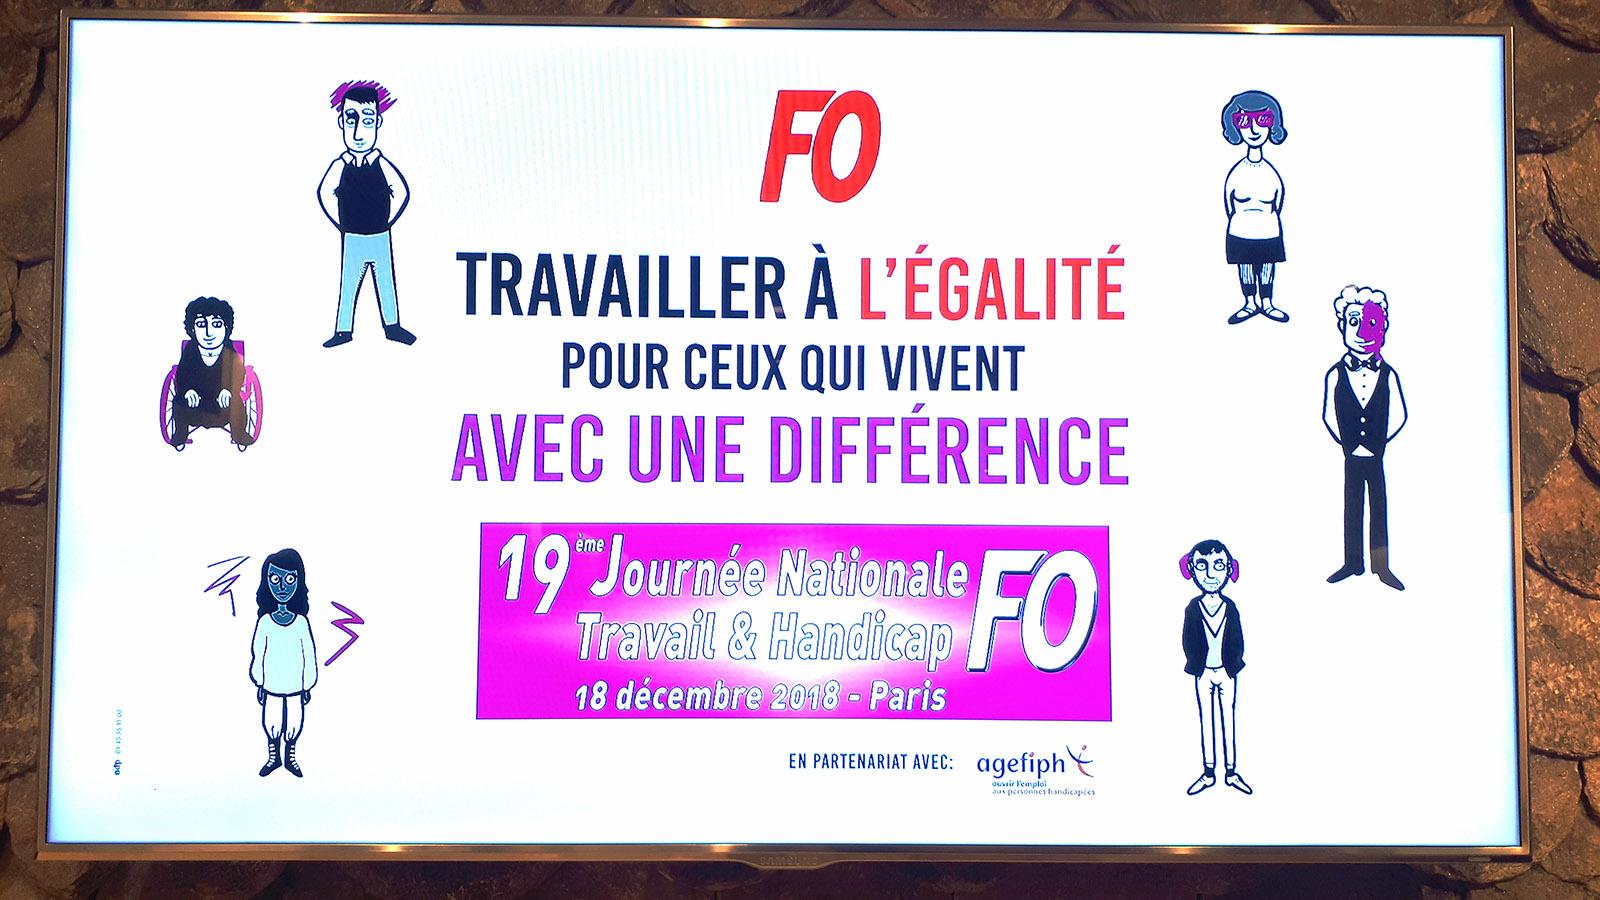 Journee Nationale Travail Et Handicap Le 18 Decembre 2018 Force